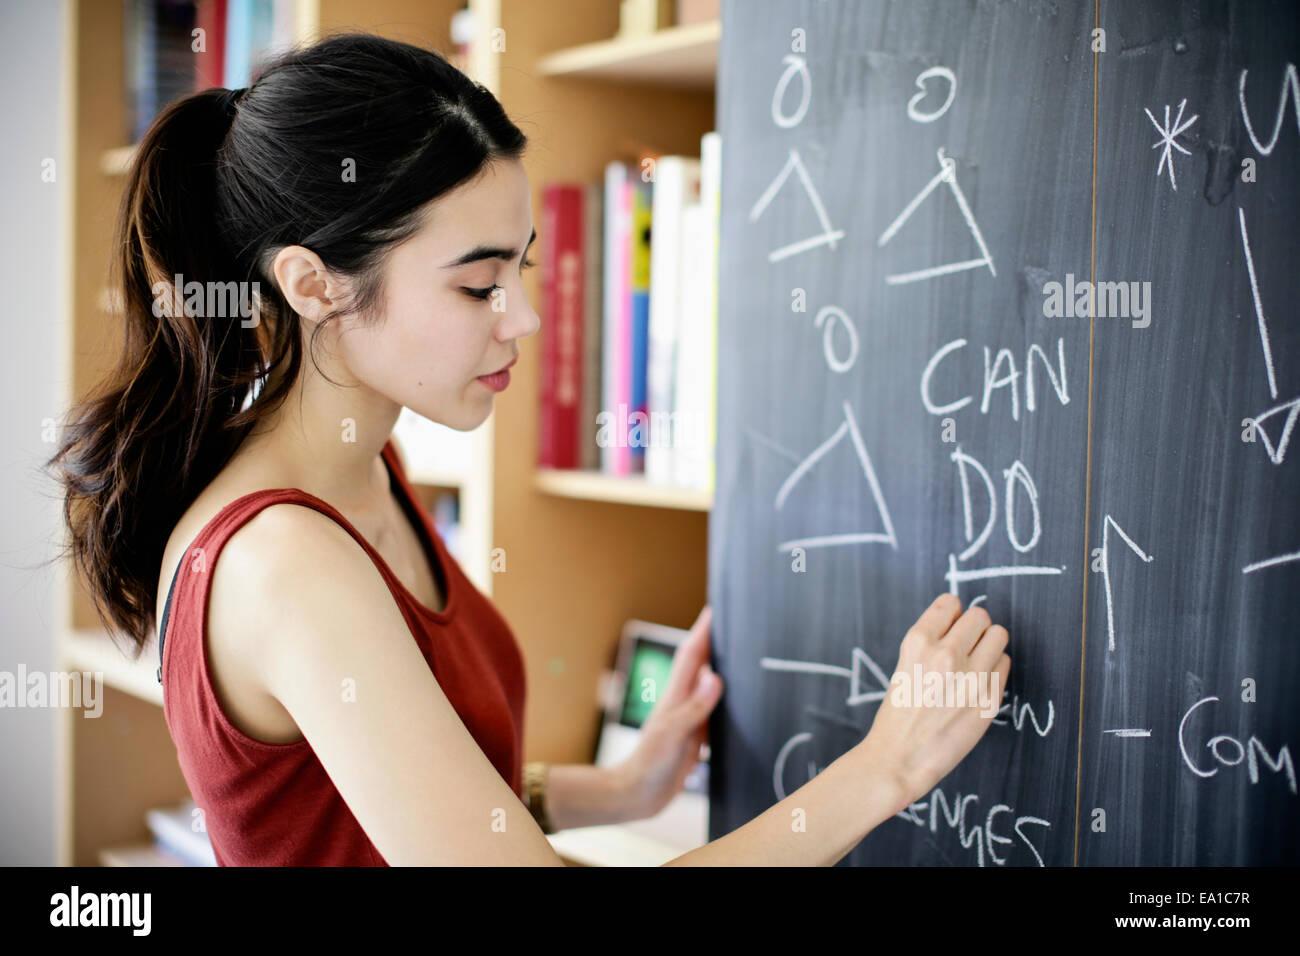 Woman writing on blackboard Photo Stock